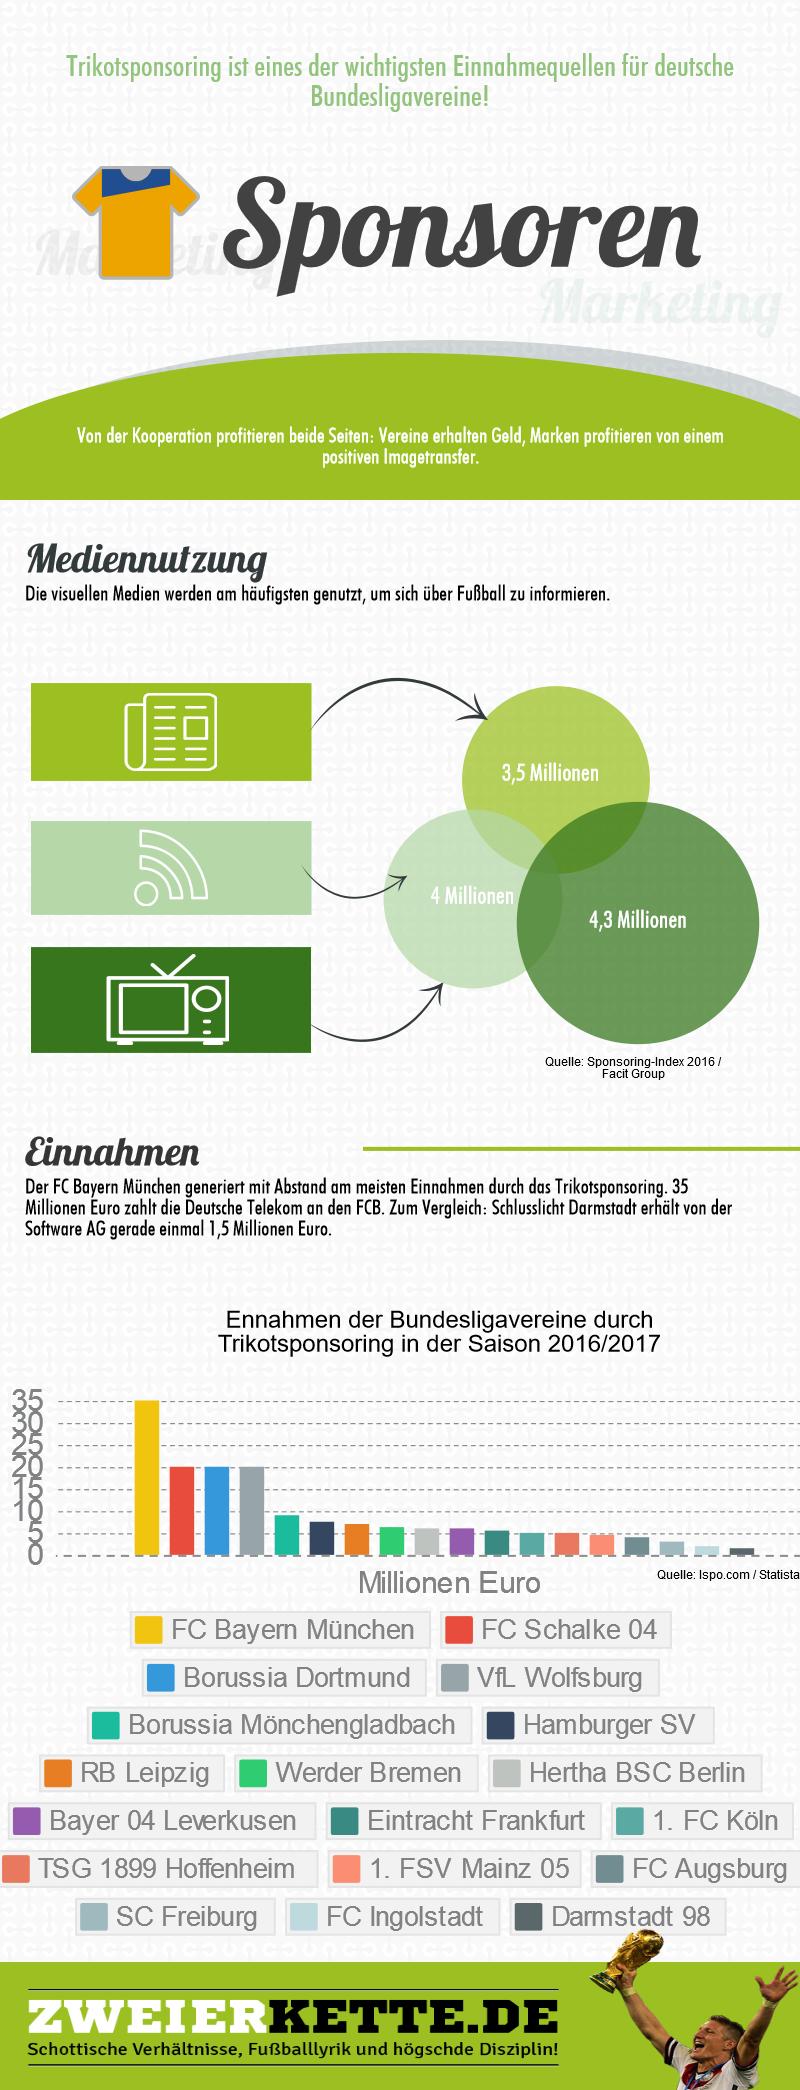 Infografik über Mediennutzung beim Fußball